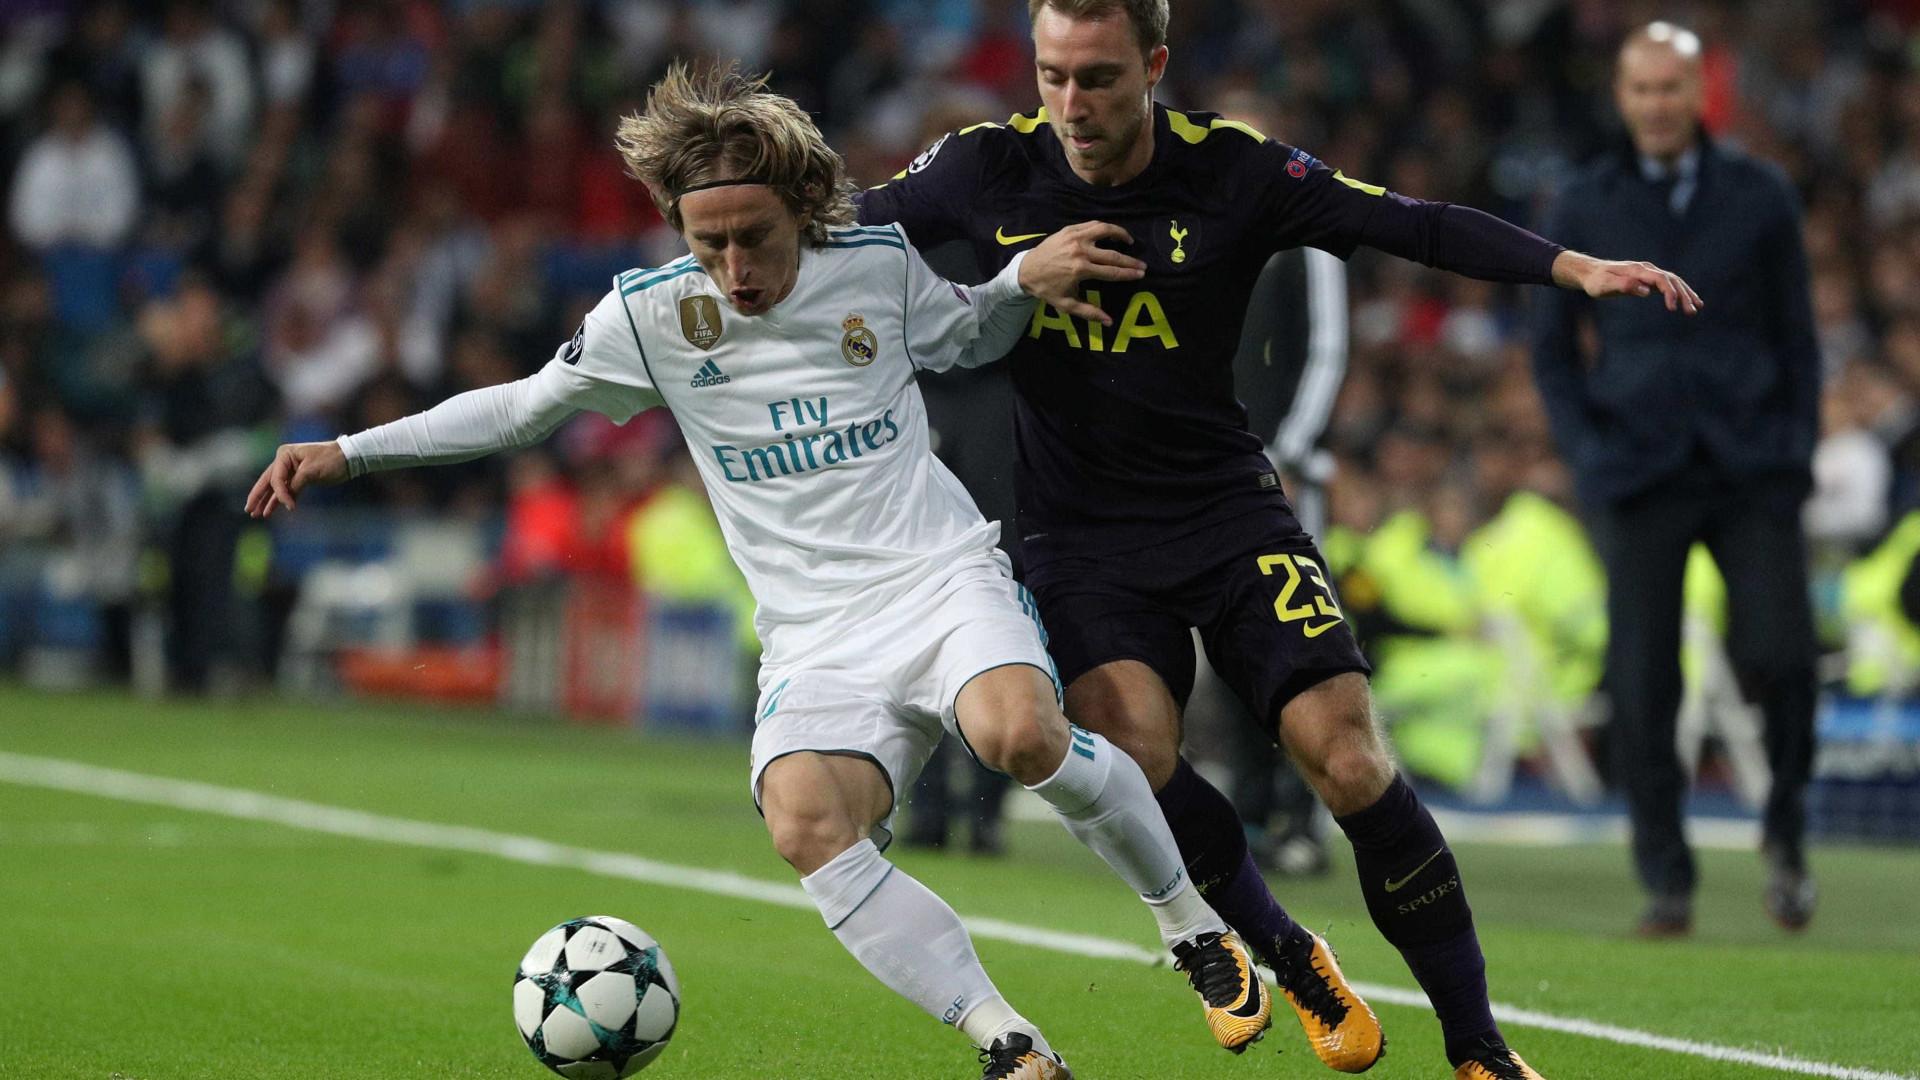 Real Madrid quer Eriksen no lugar de Modric 1084d7bb0d1f8